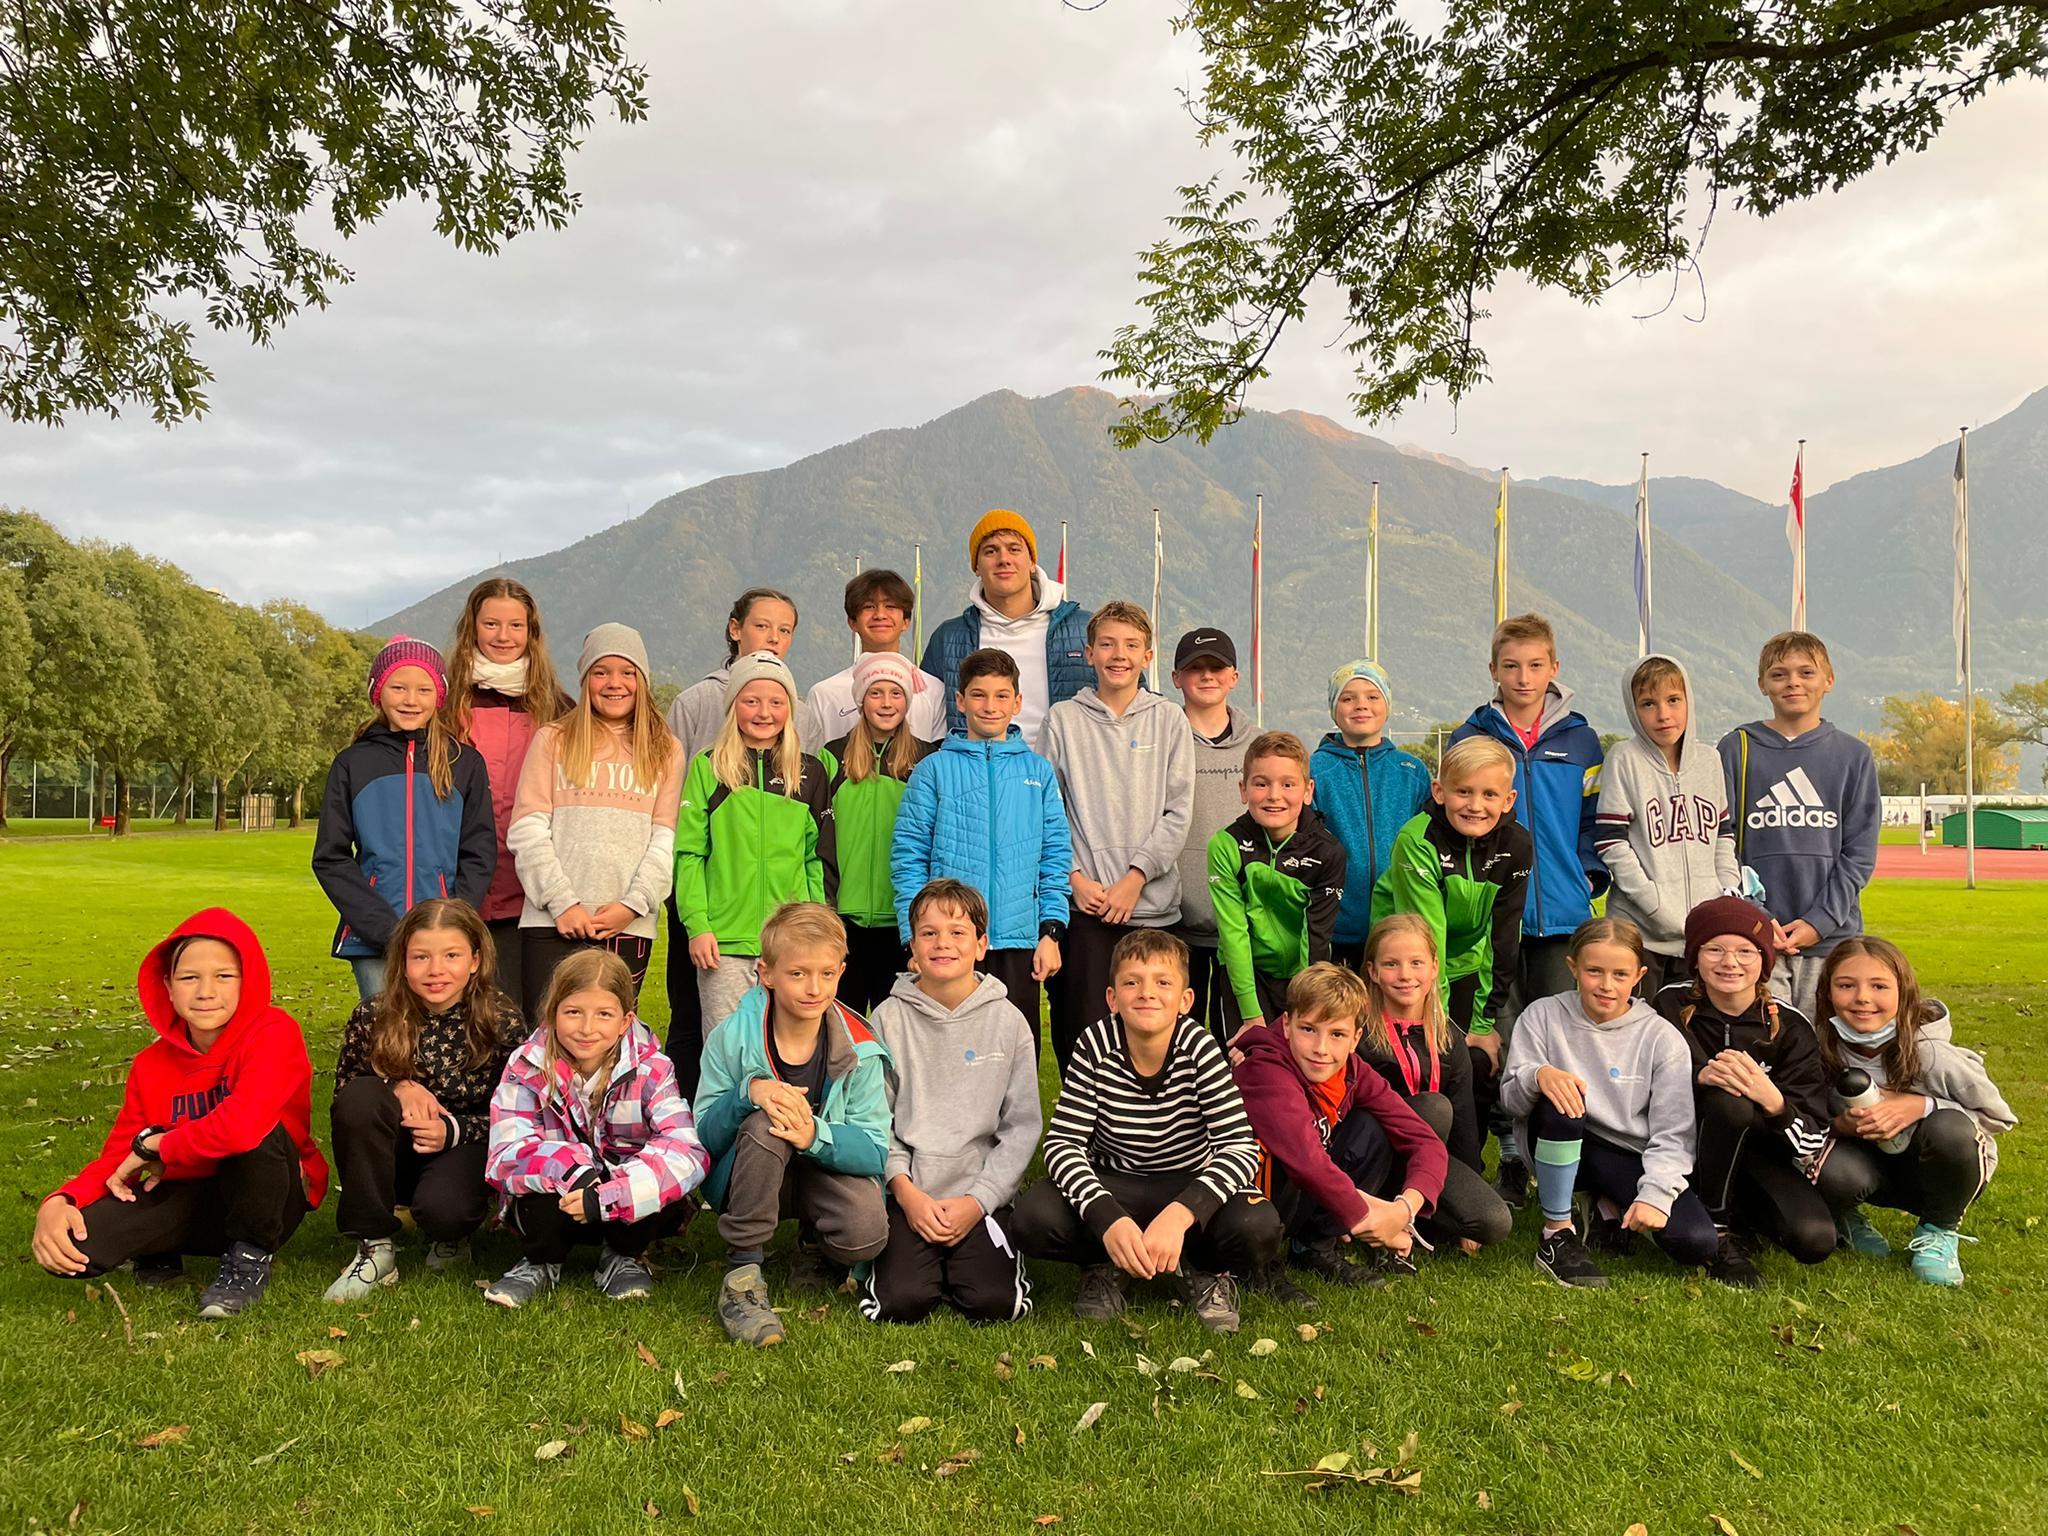 Schwimmen: Nachwuchstrainingslager in Tenero 16. bis 23. Oktober 2021